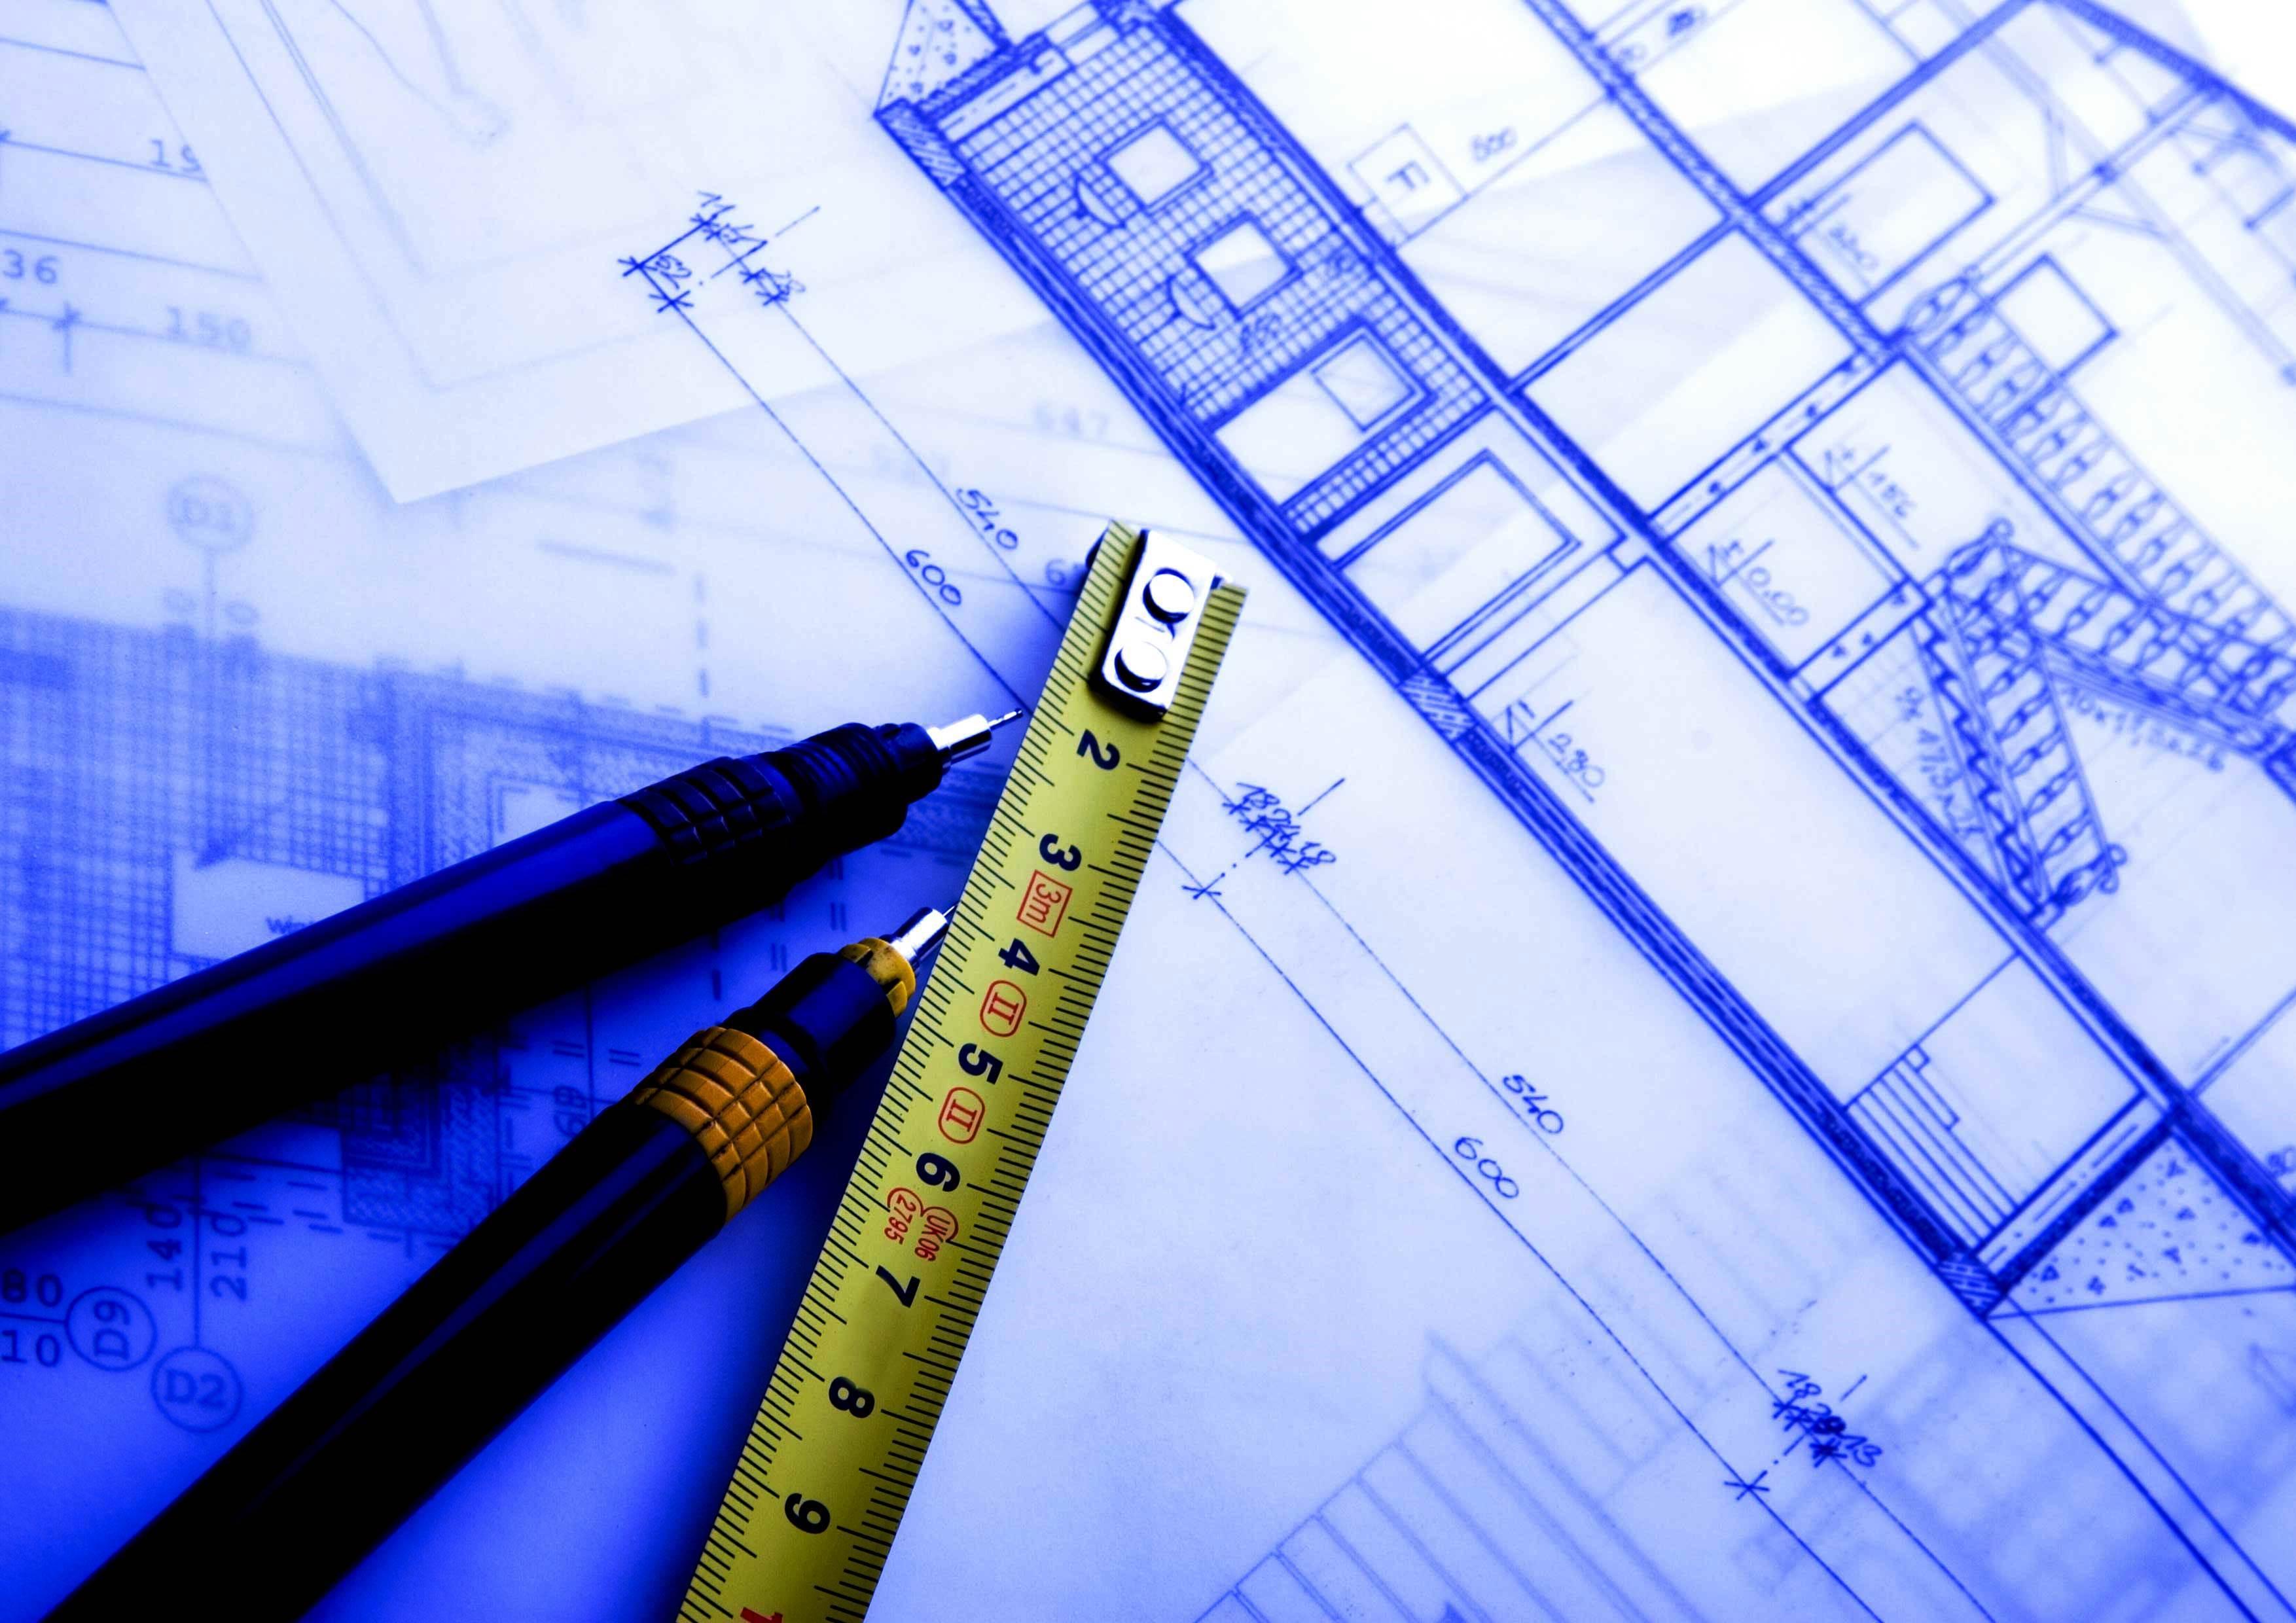 Apesar de, algumas obras mais pequenas não necessitarem, a nível legal, de projectos de engenharia, estes garantem alguns benefícios ao dono de obra, nomeadamente, ao nível da segurança (trabalhadores e utilizadores do trabalho final), qualidade, economia e gestão (custos, material, tempo de obra).